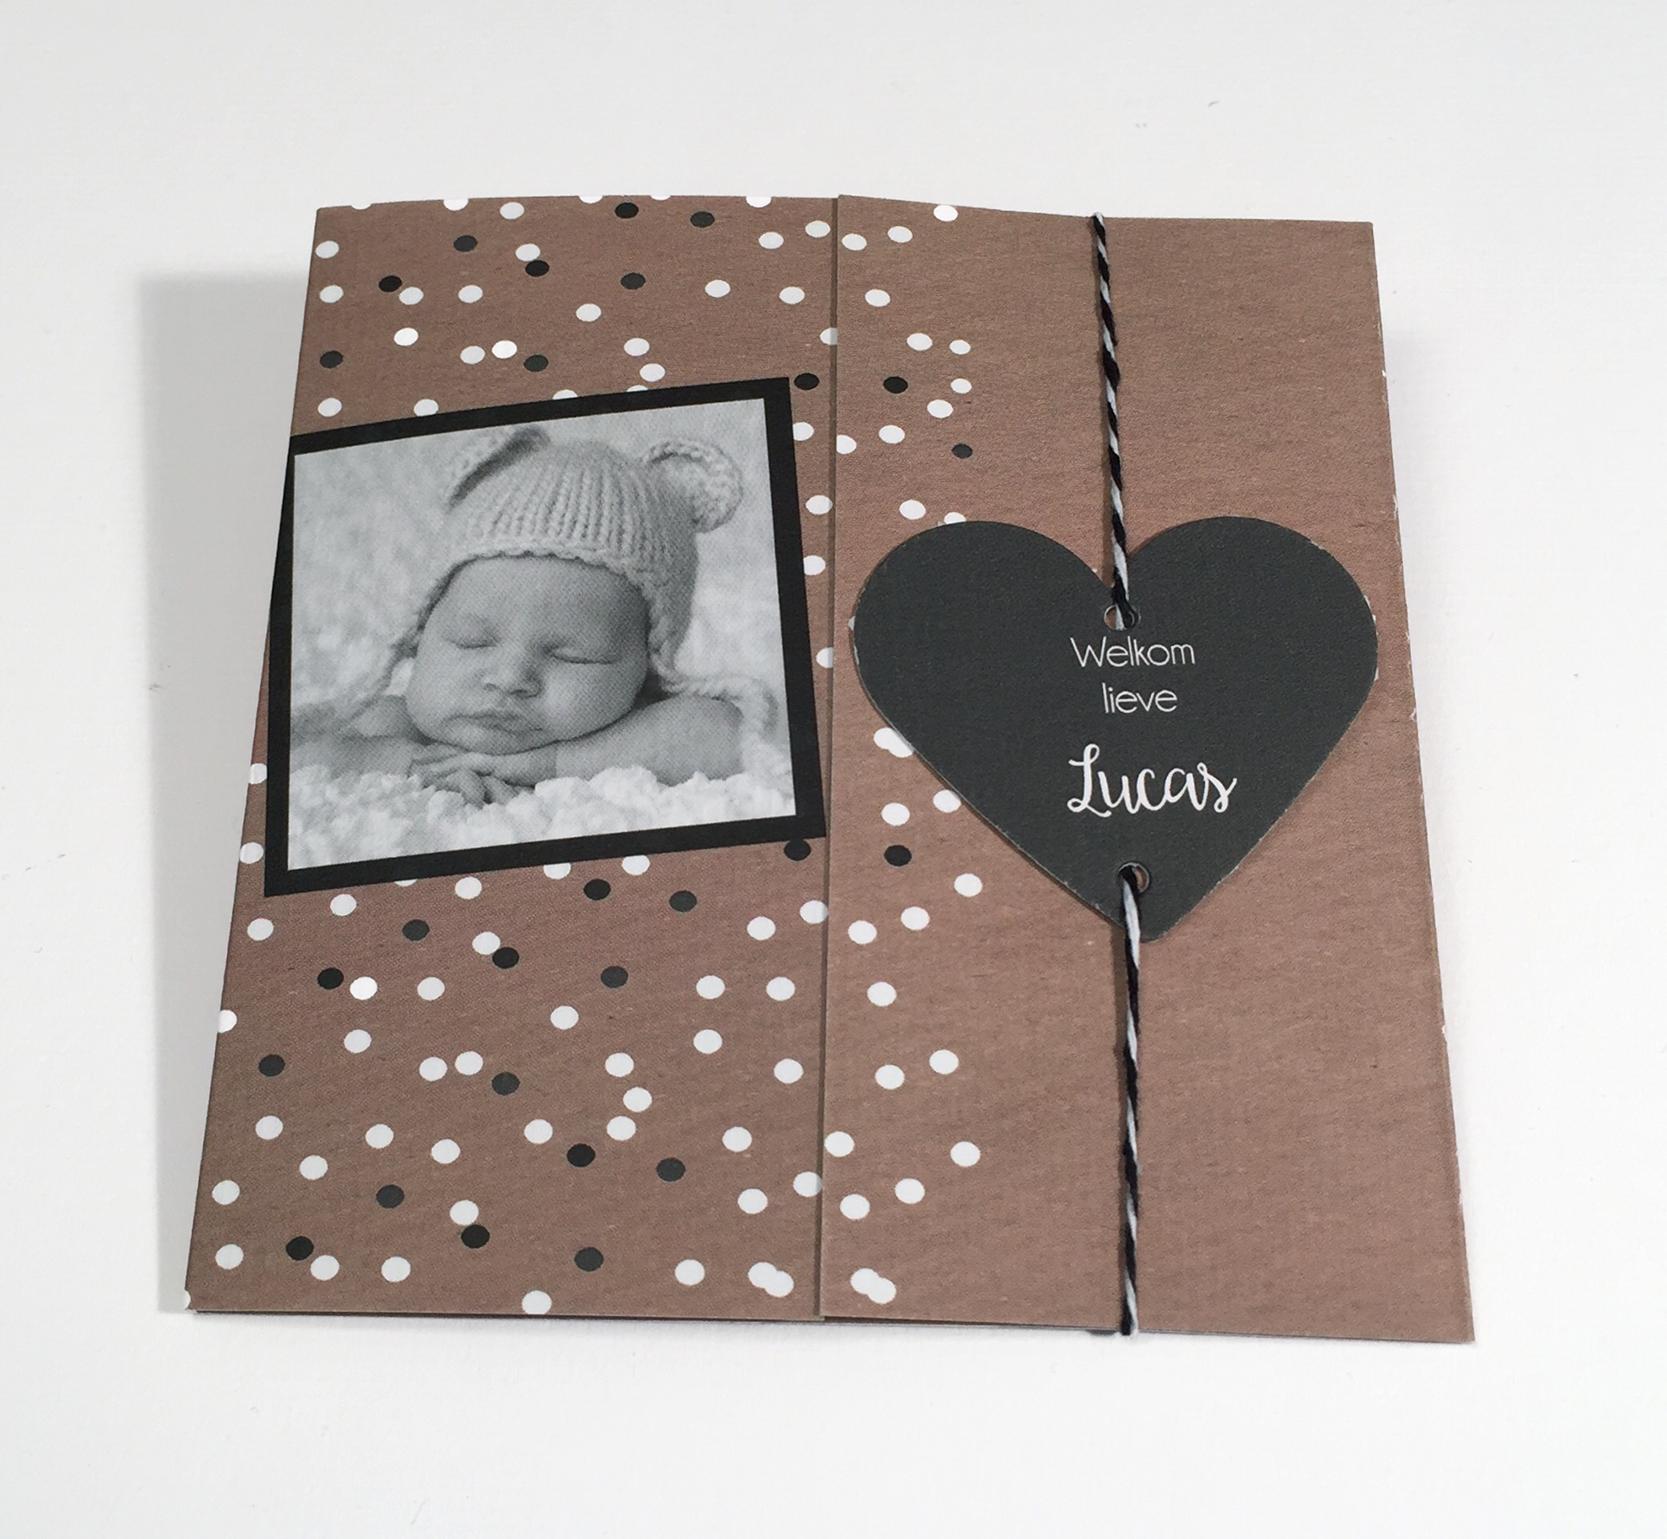 Drieluik geboortekaartje met foto en los labeltje in de vorm van een hartje